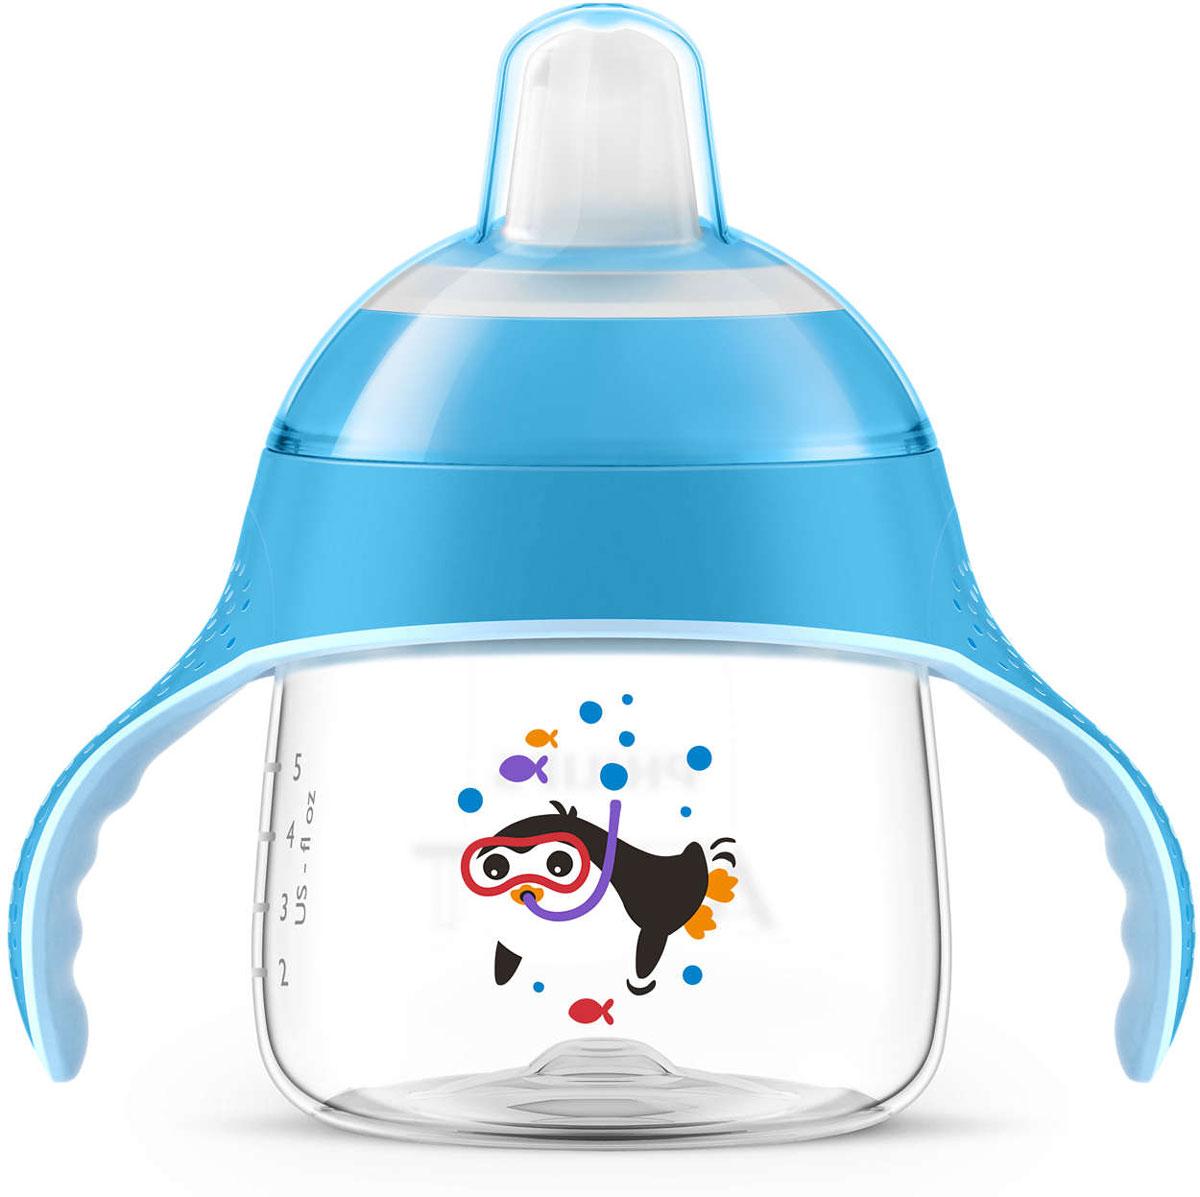 Philips Avent Волшебная чашка-непроливайка от 6 месяцев цвет: голубой, 200 мл SCF751/00 сменный силиконовый носик avent черный 6 2 шт для scf751 00